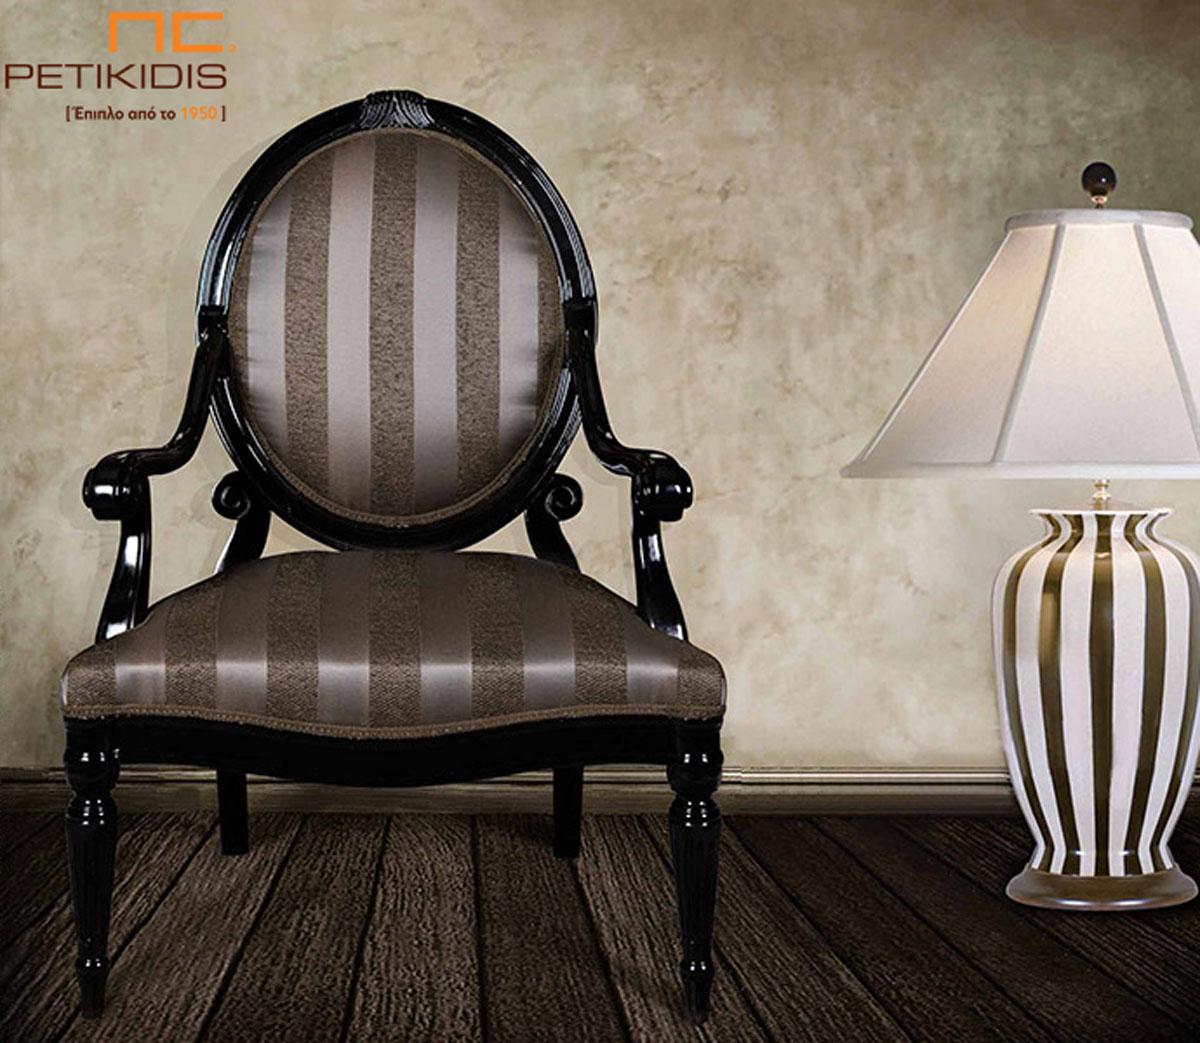 Πολυθρόνα Margaret σε κλασικό σχήμα μενταγιόν με λεπτομέρειες ξύλου σε μαύρη λάκα και ύφασμα με ρίγα.